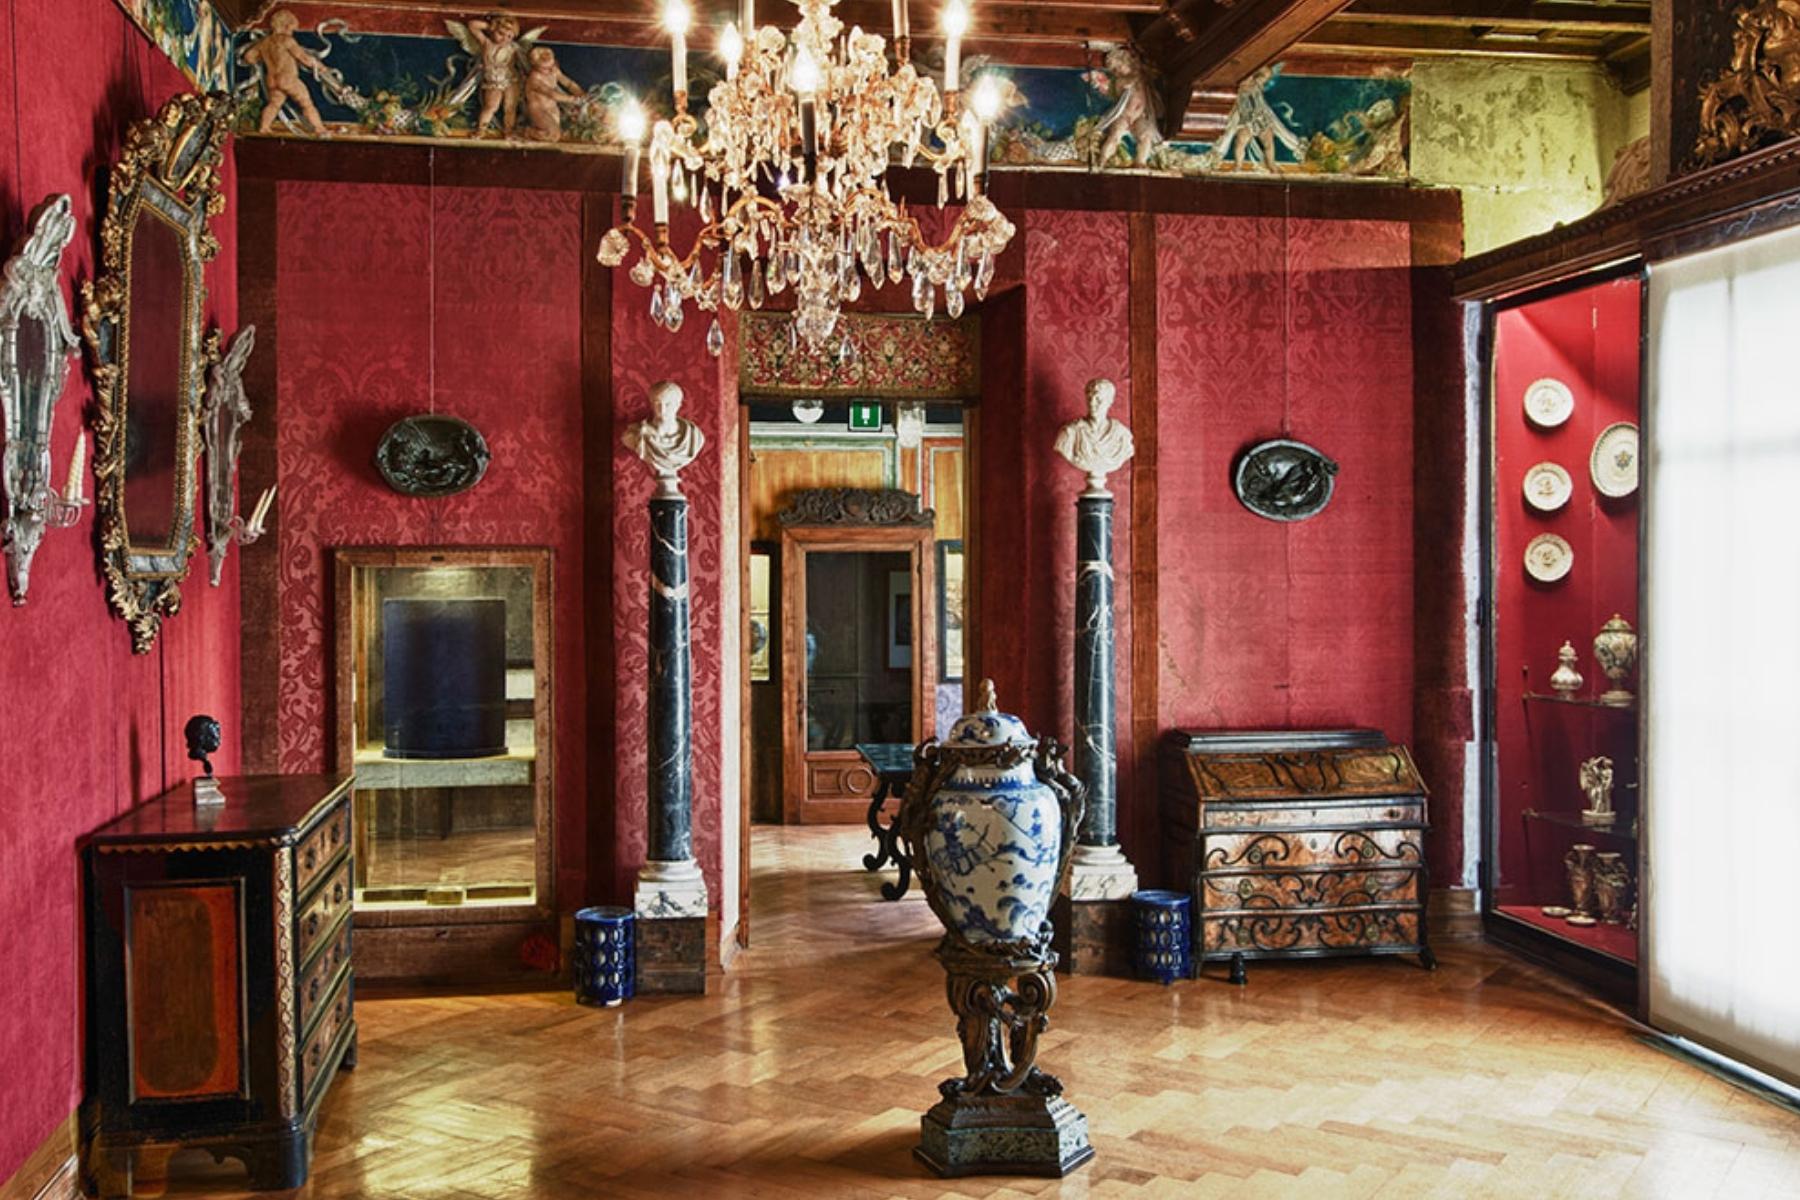 Visita guidata Casa Museo Pogliaghi